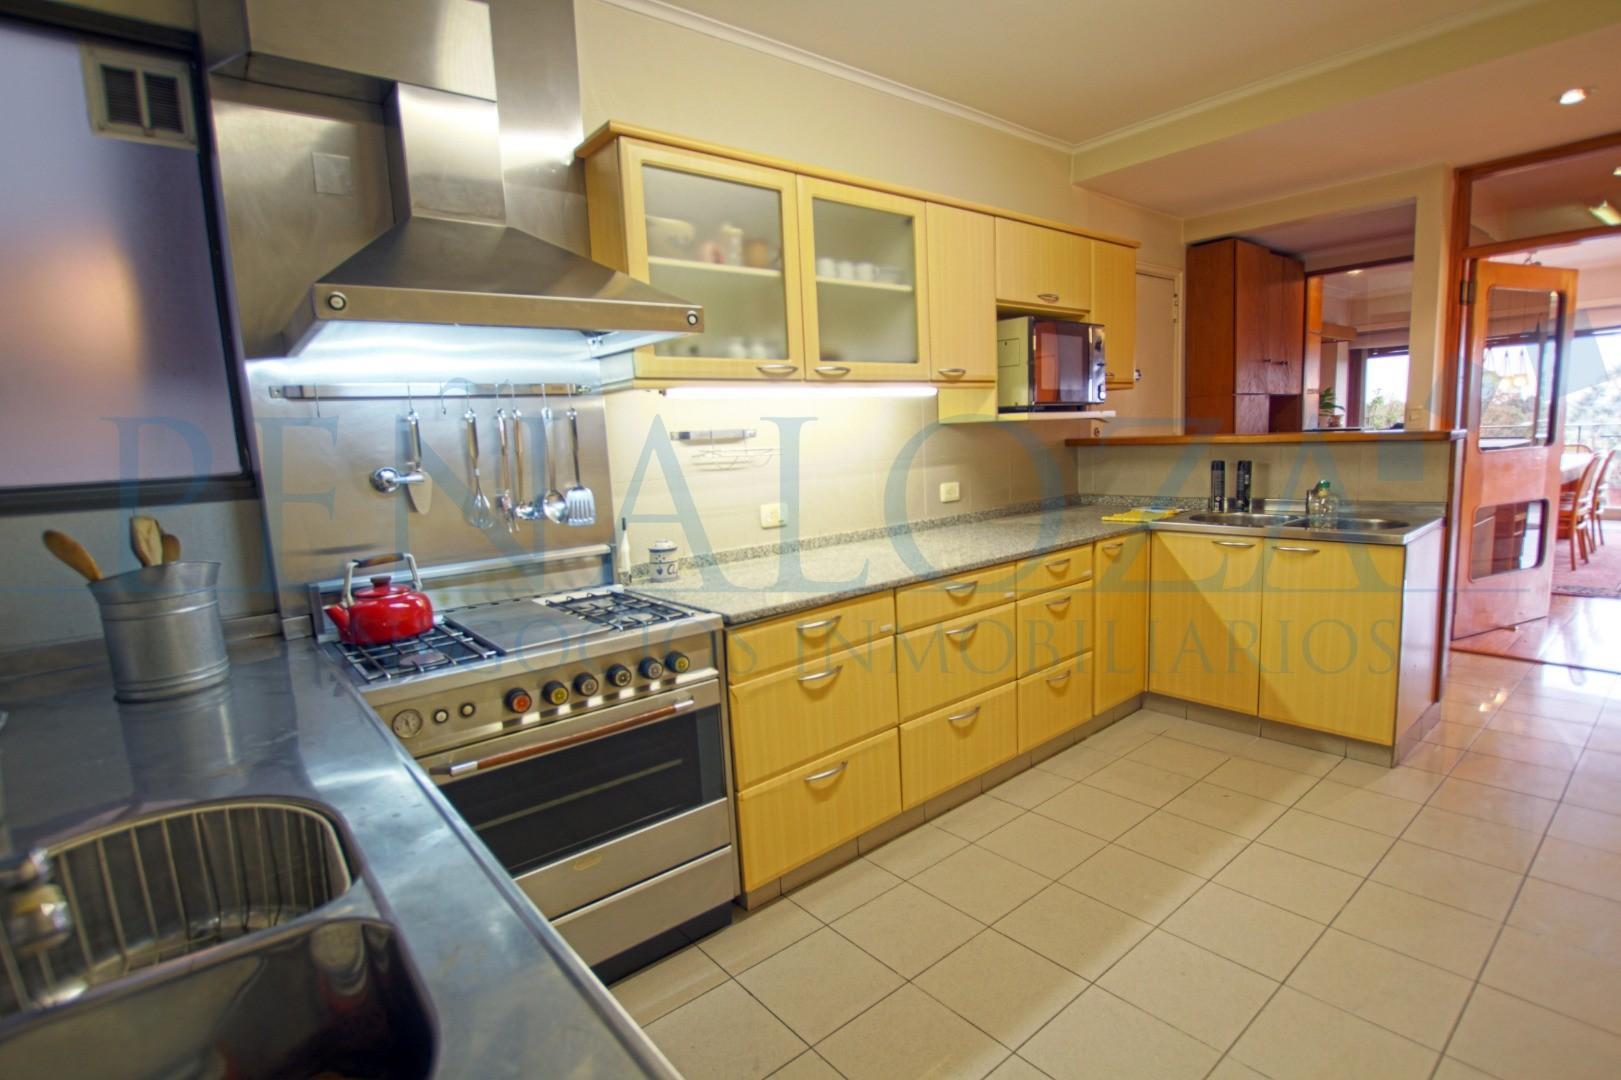 Departamento - 204 m² | 5 dormitorios | 60 años